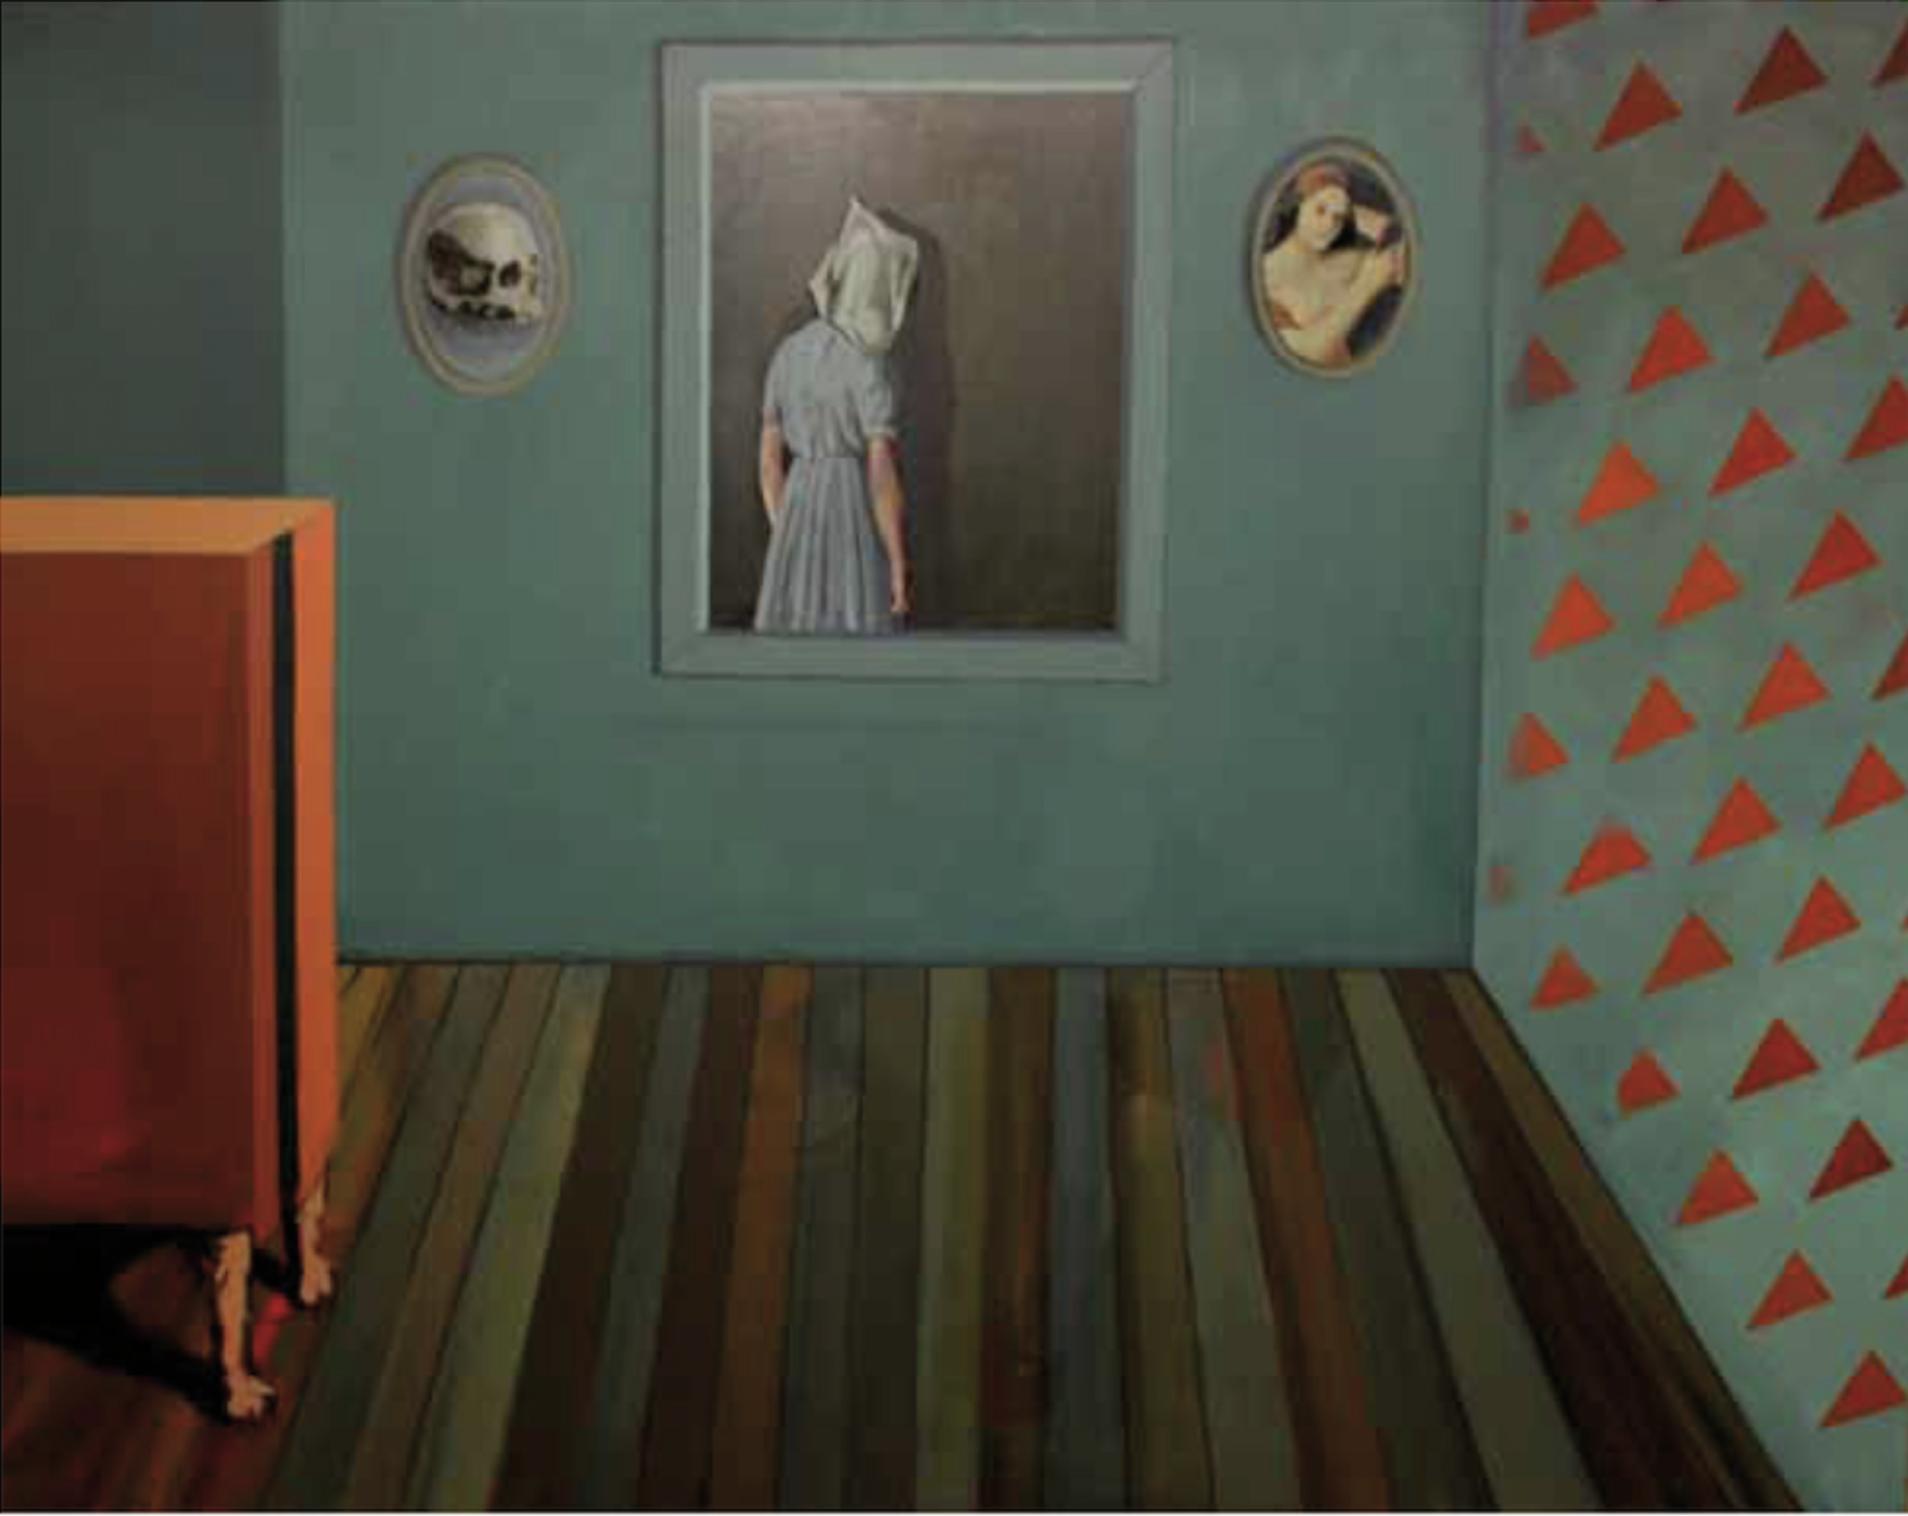 """Título:  """"La muerte y la doncella"""", 2013.   Autor:  Sandra Rilova.  Técnica:  Óleo sobre lienzo.  Medidas:  114 x 146 cm."""